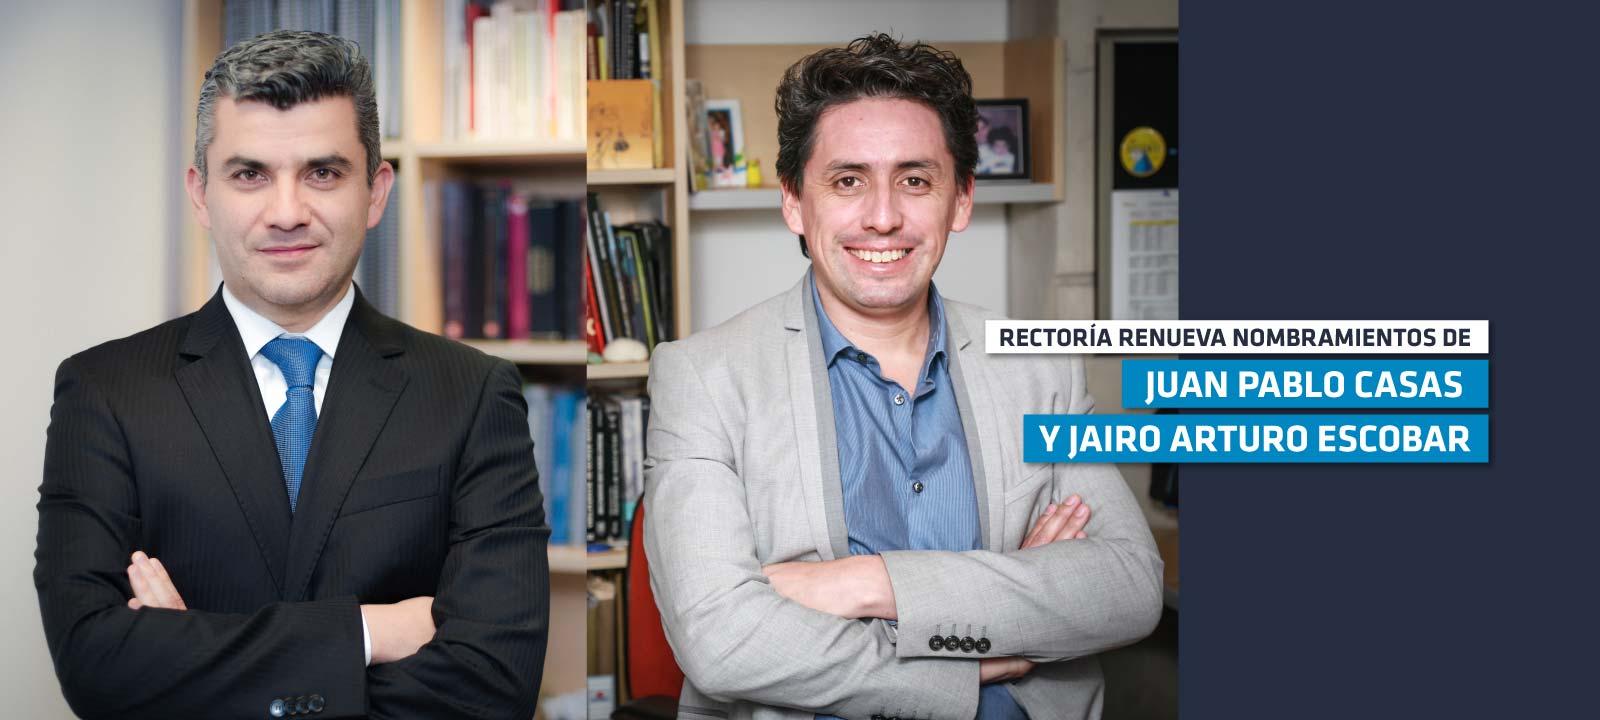 Rectoría renueva nombramientos de Juan Pablo Casas y Jairo Escobar